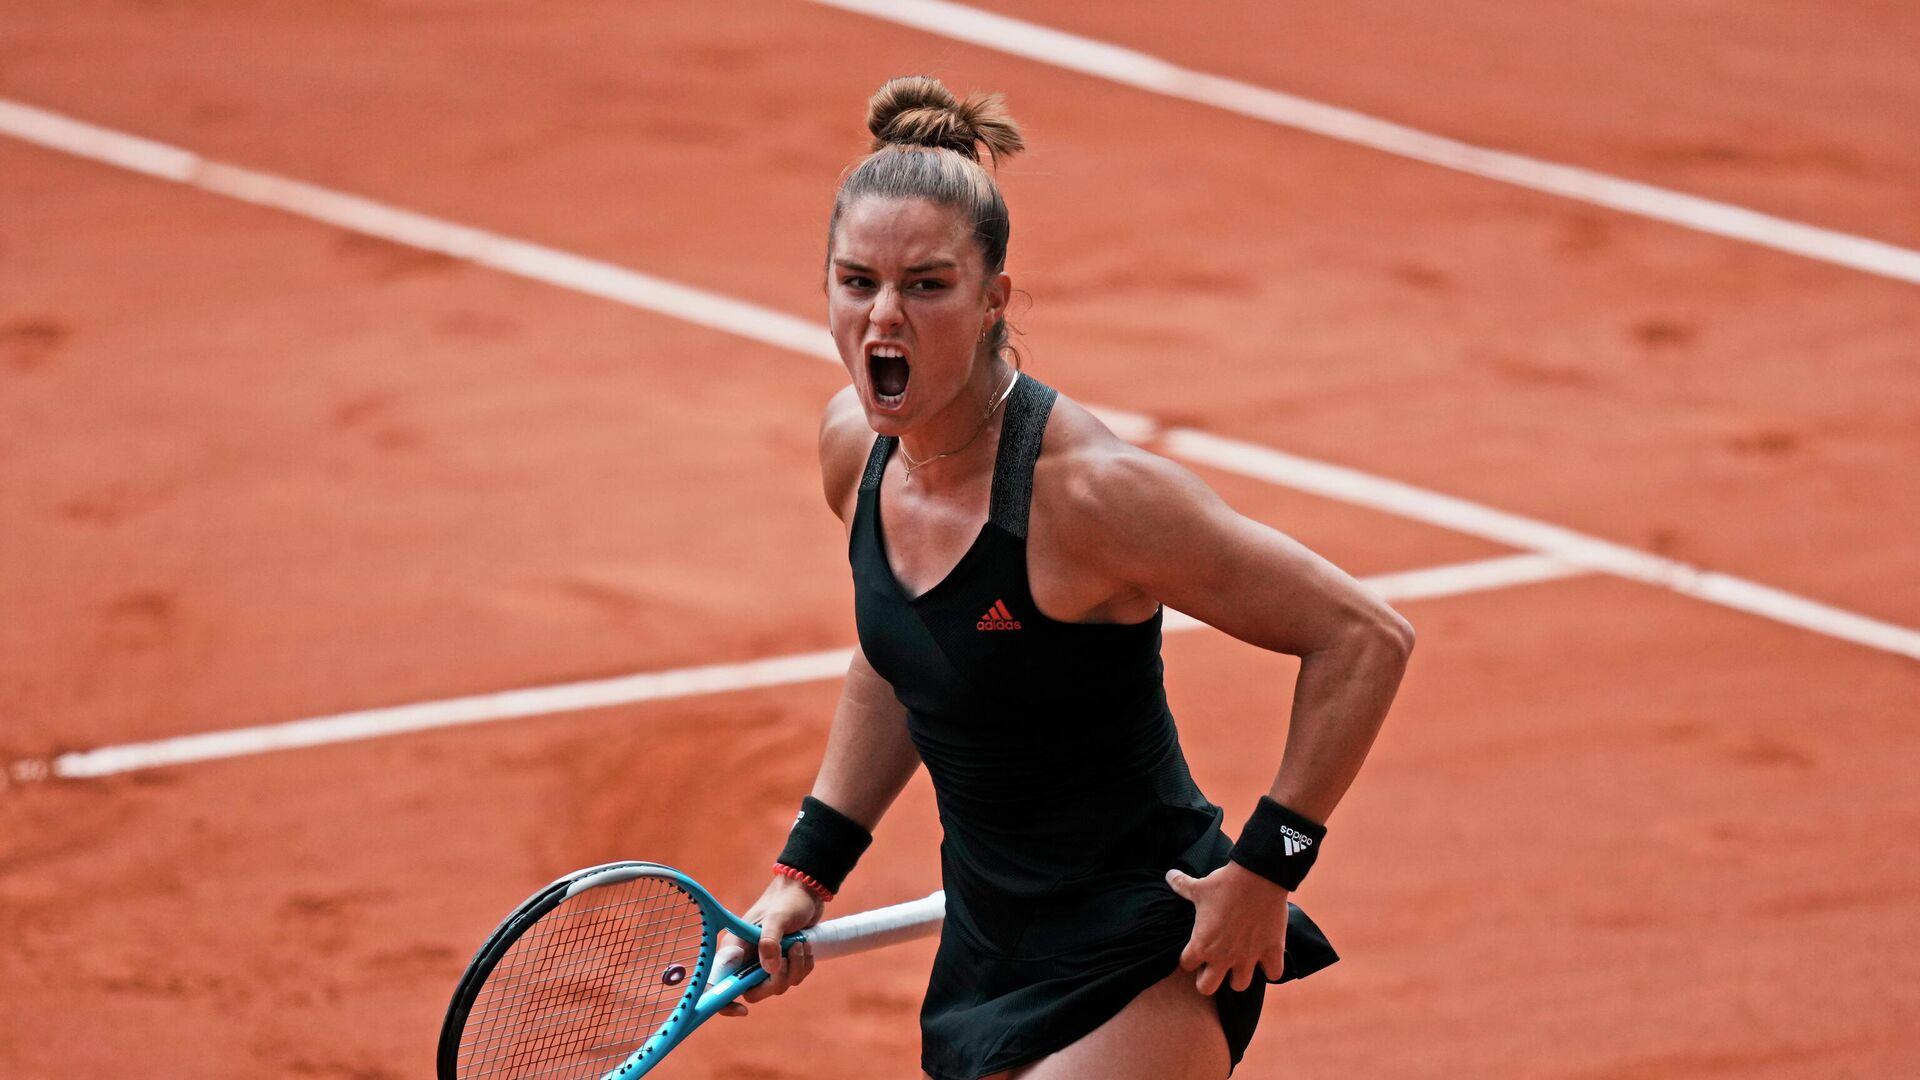 Η Μαρία Σάκκαρη στο Roland Garros - Sputnik Ελλάδα, 1920, 26.07.2021